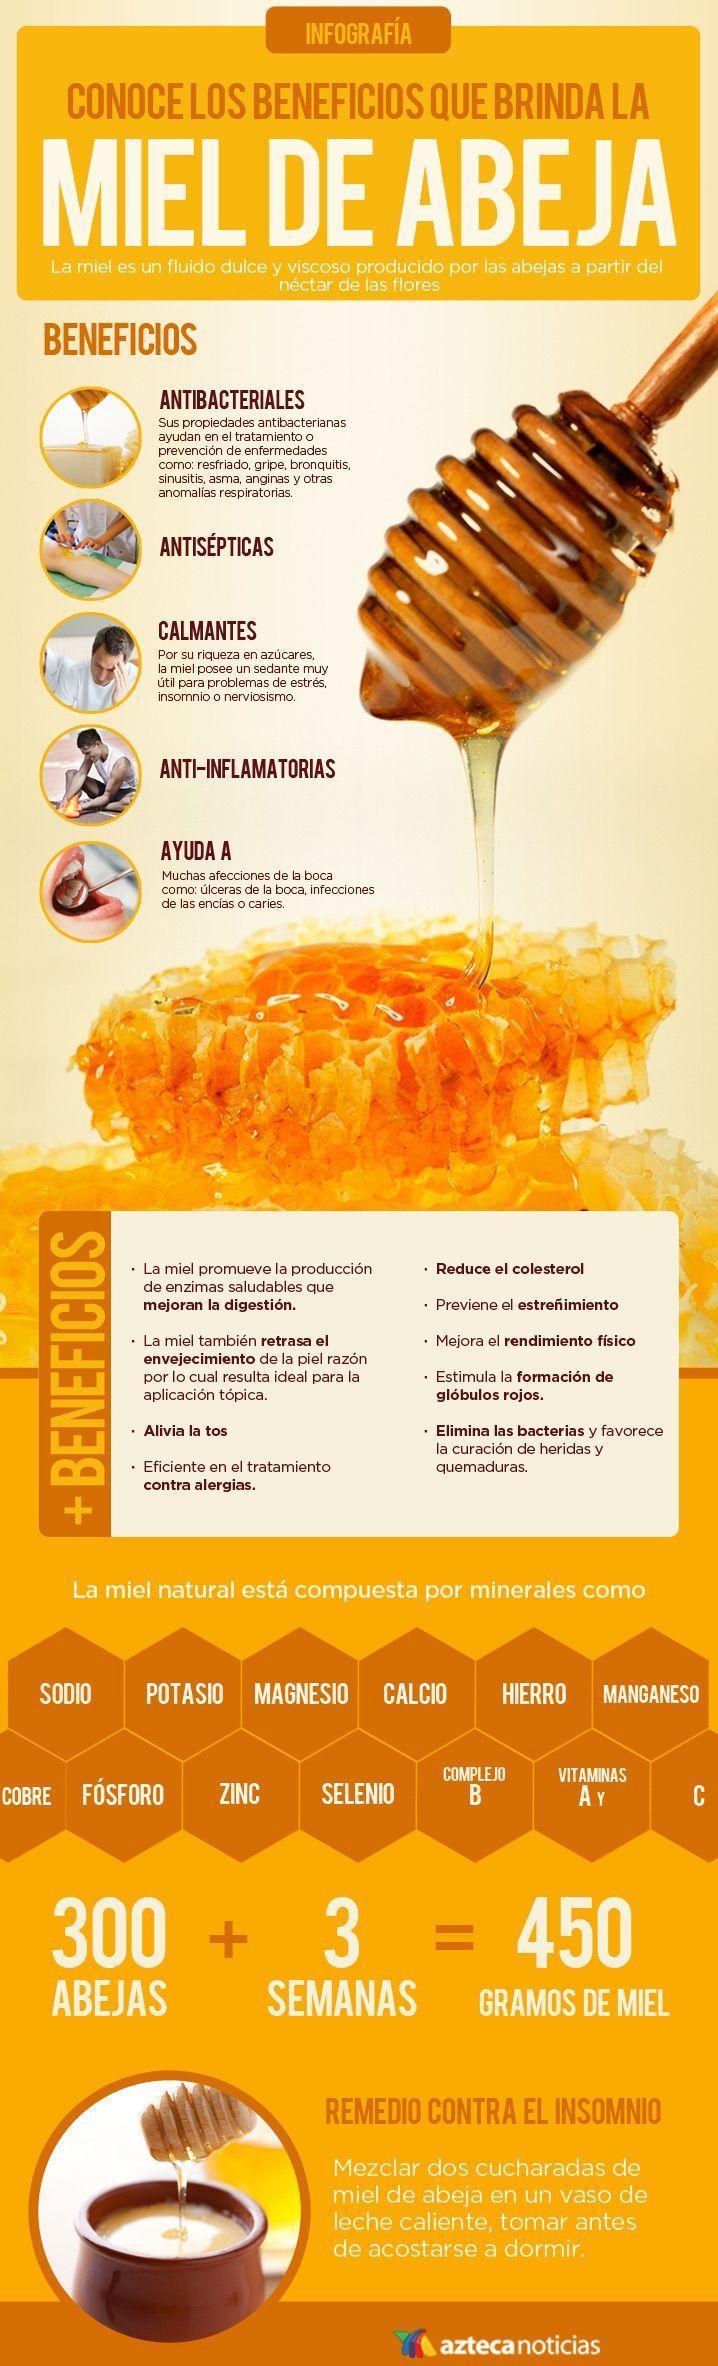 Conoce los beneficios que brinda la miel de abeja #infografia